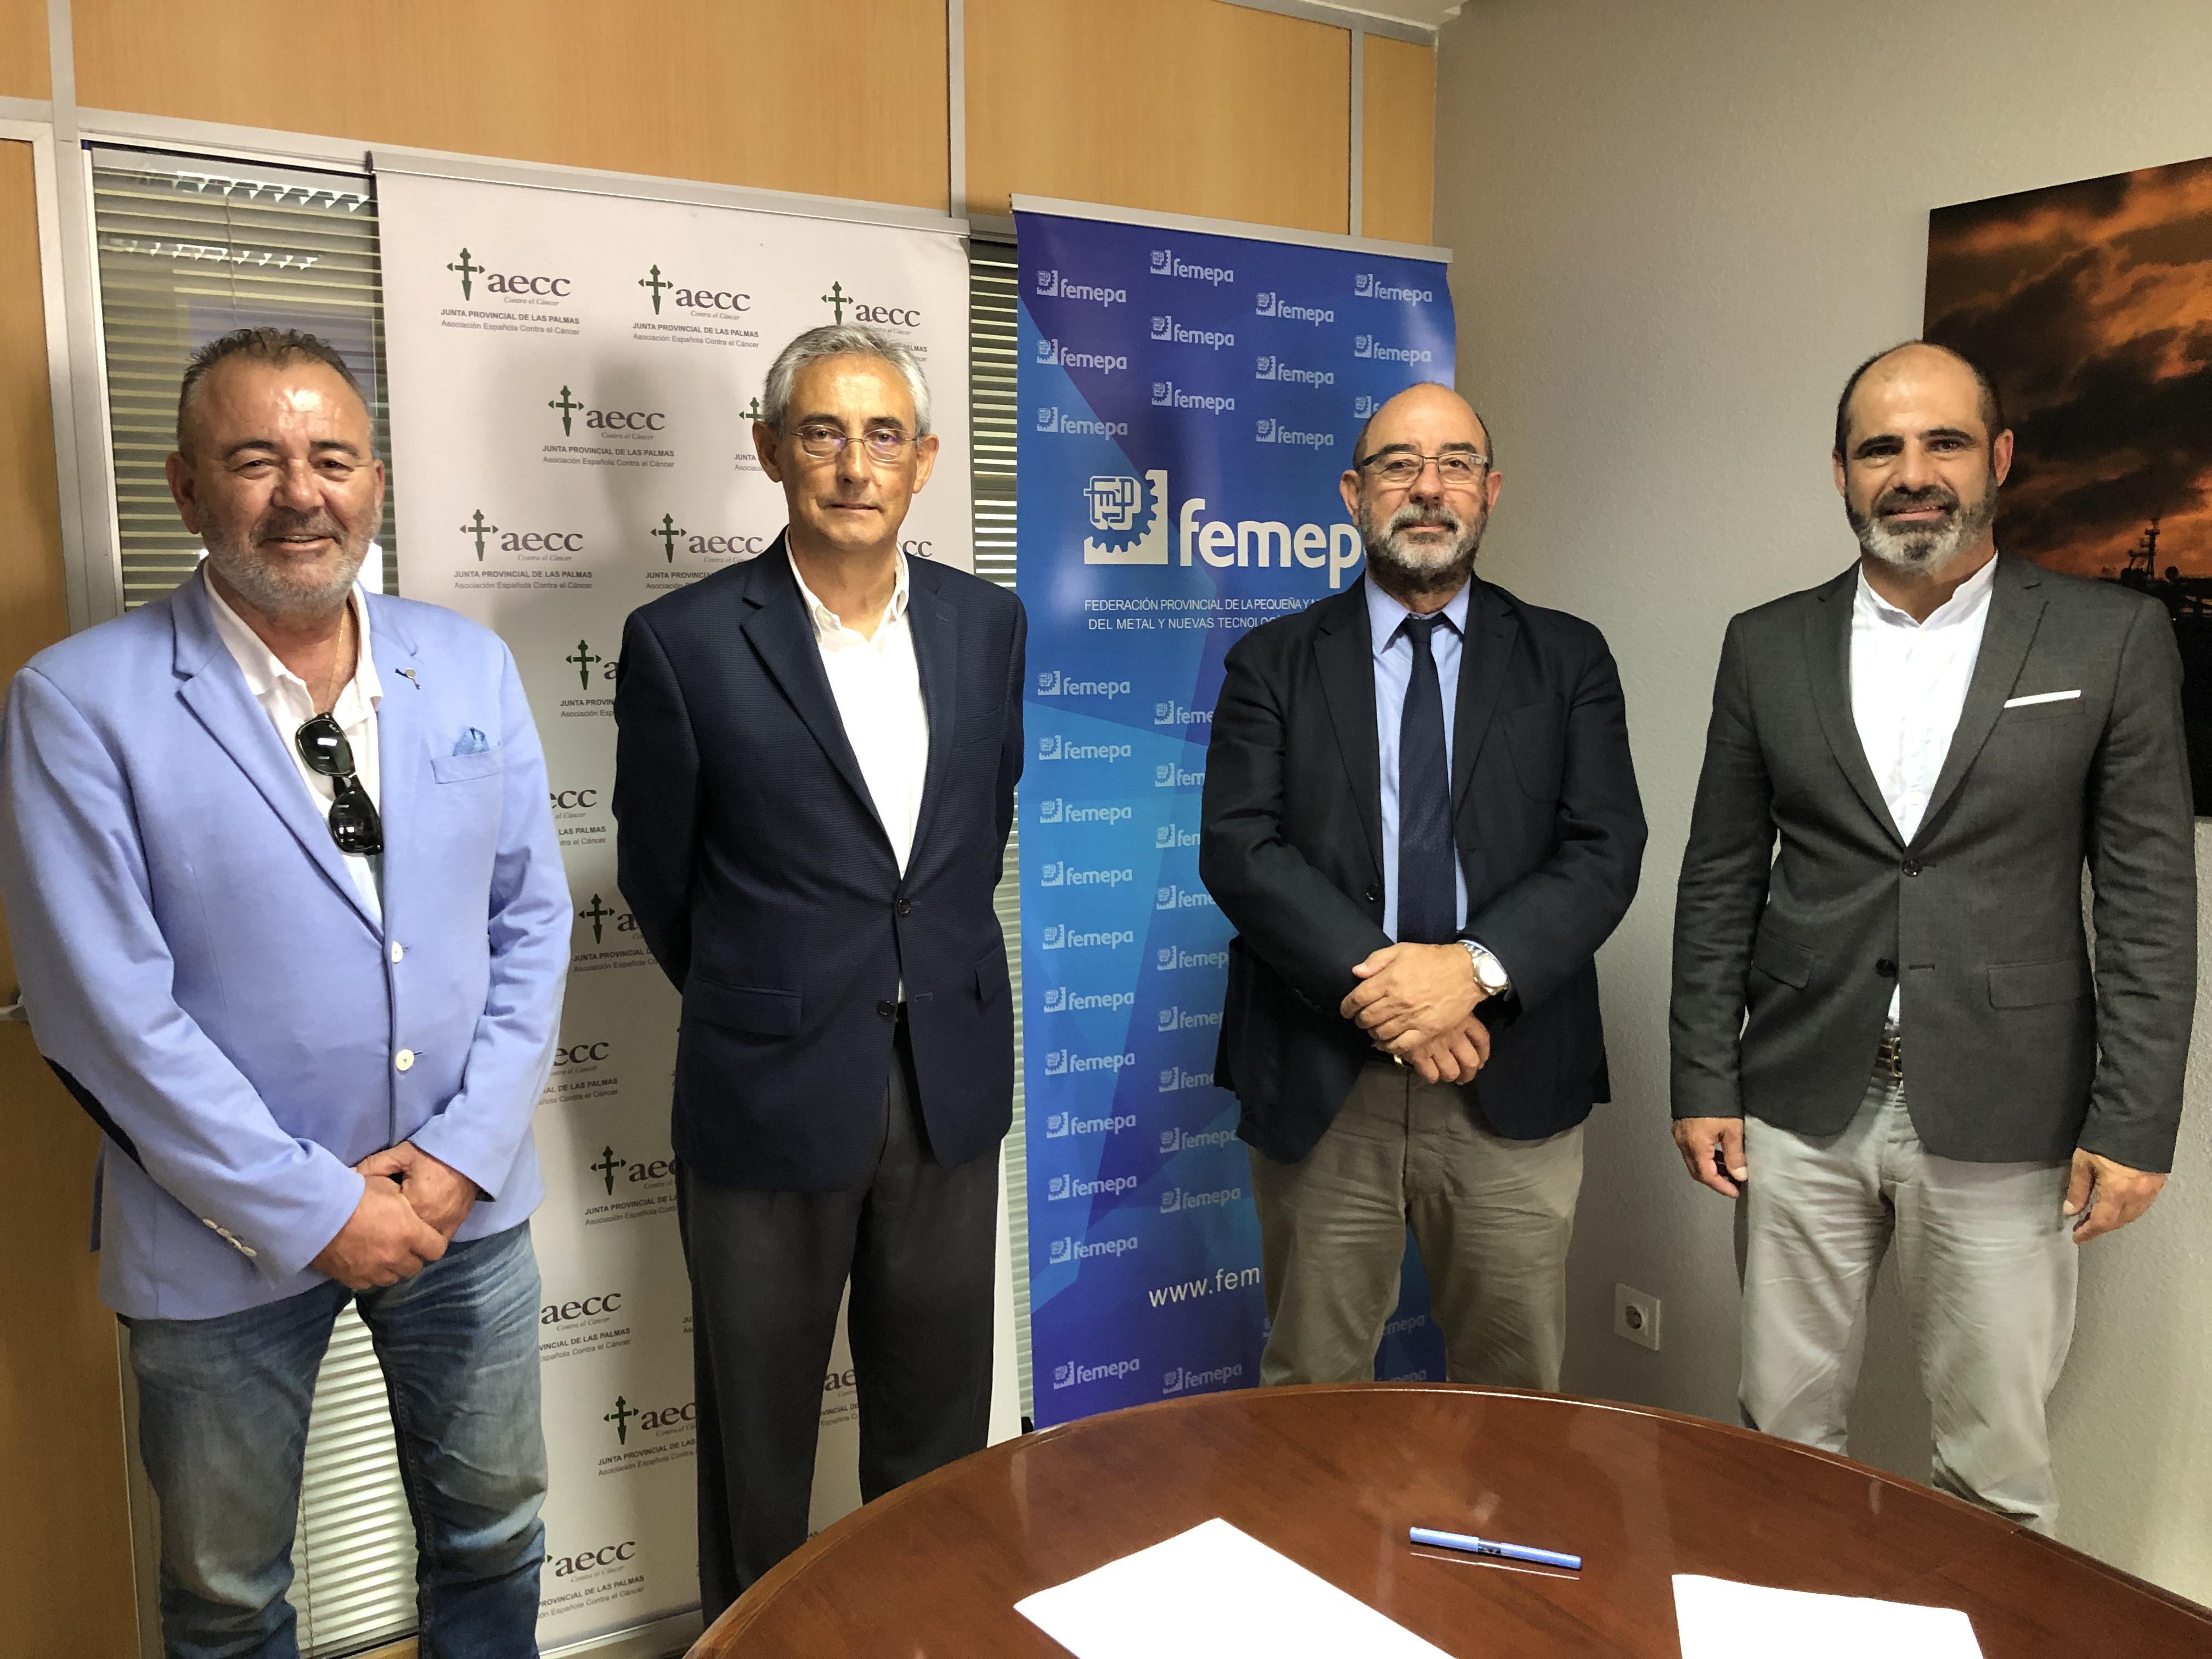 La Asociación Española contra el Cáncer y Femepa firman un acuerdo de colaboración en Las Palmas de G.C.